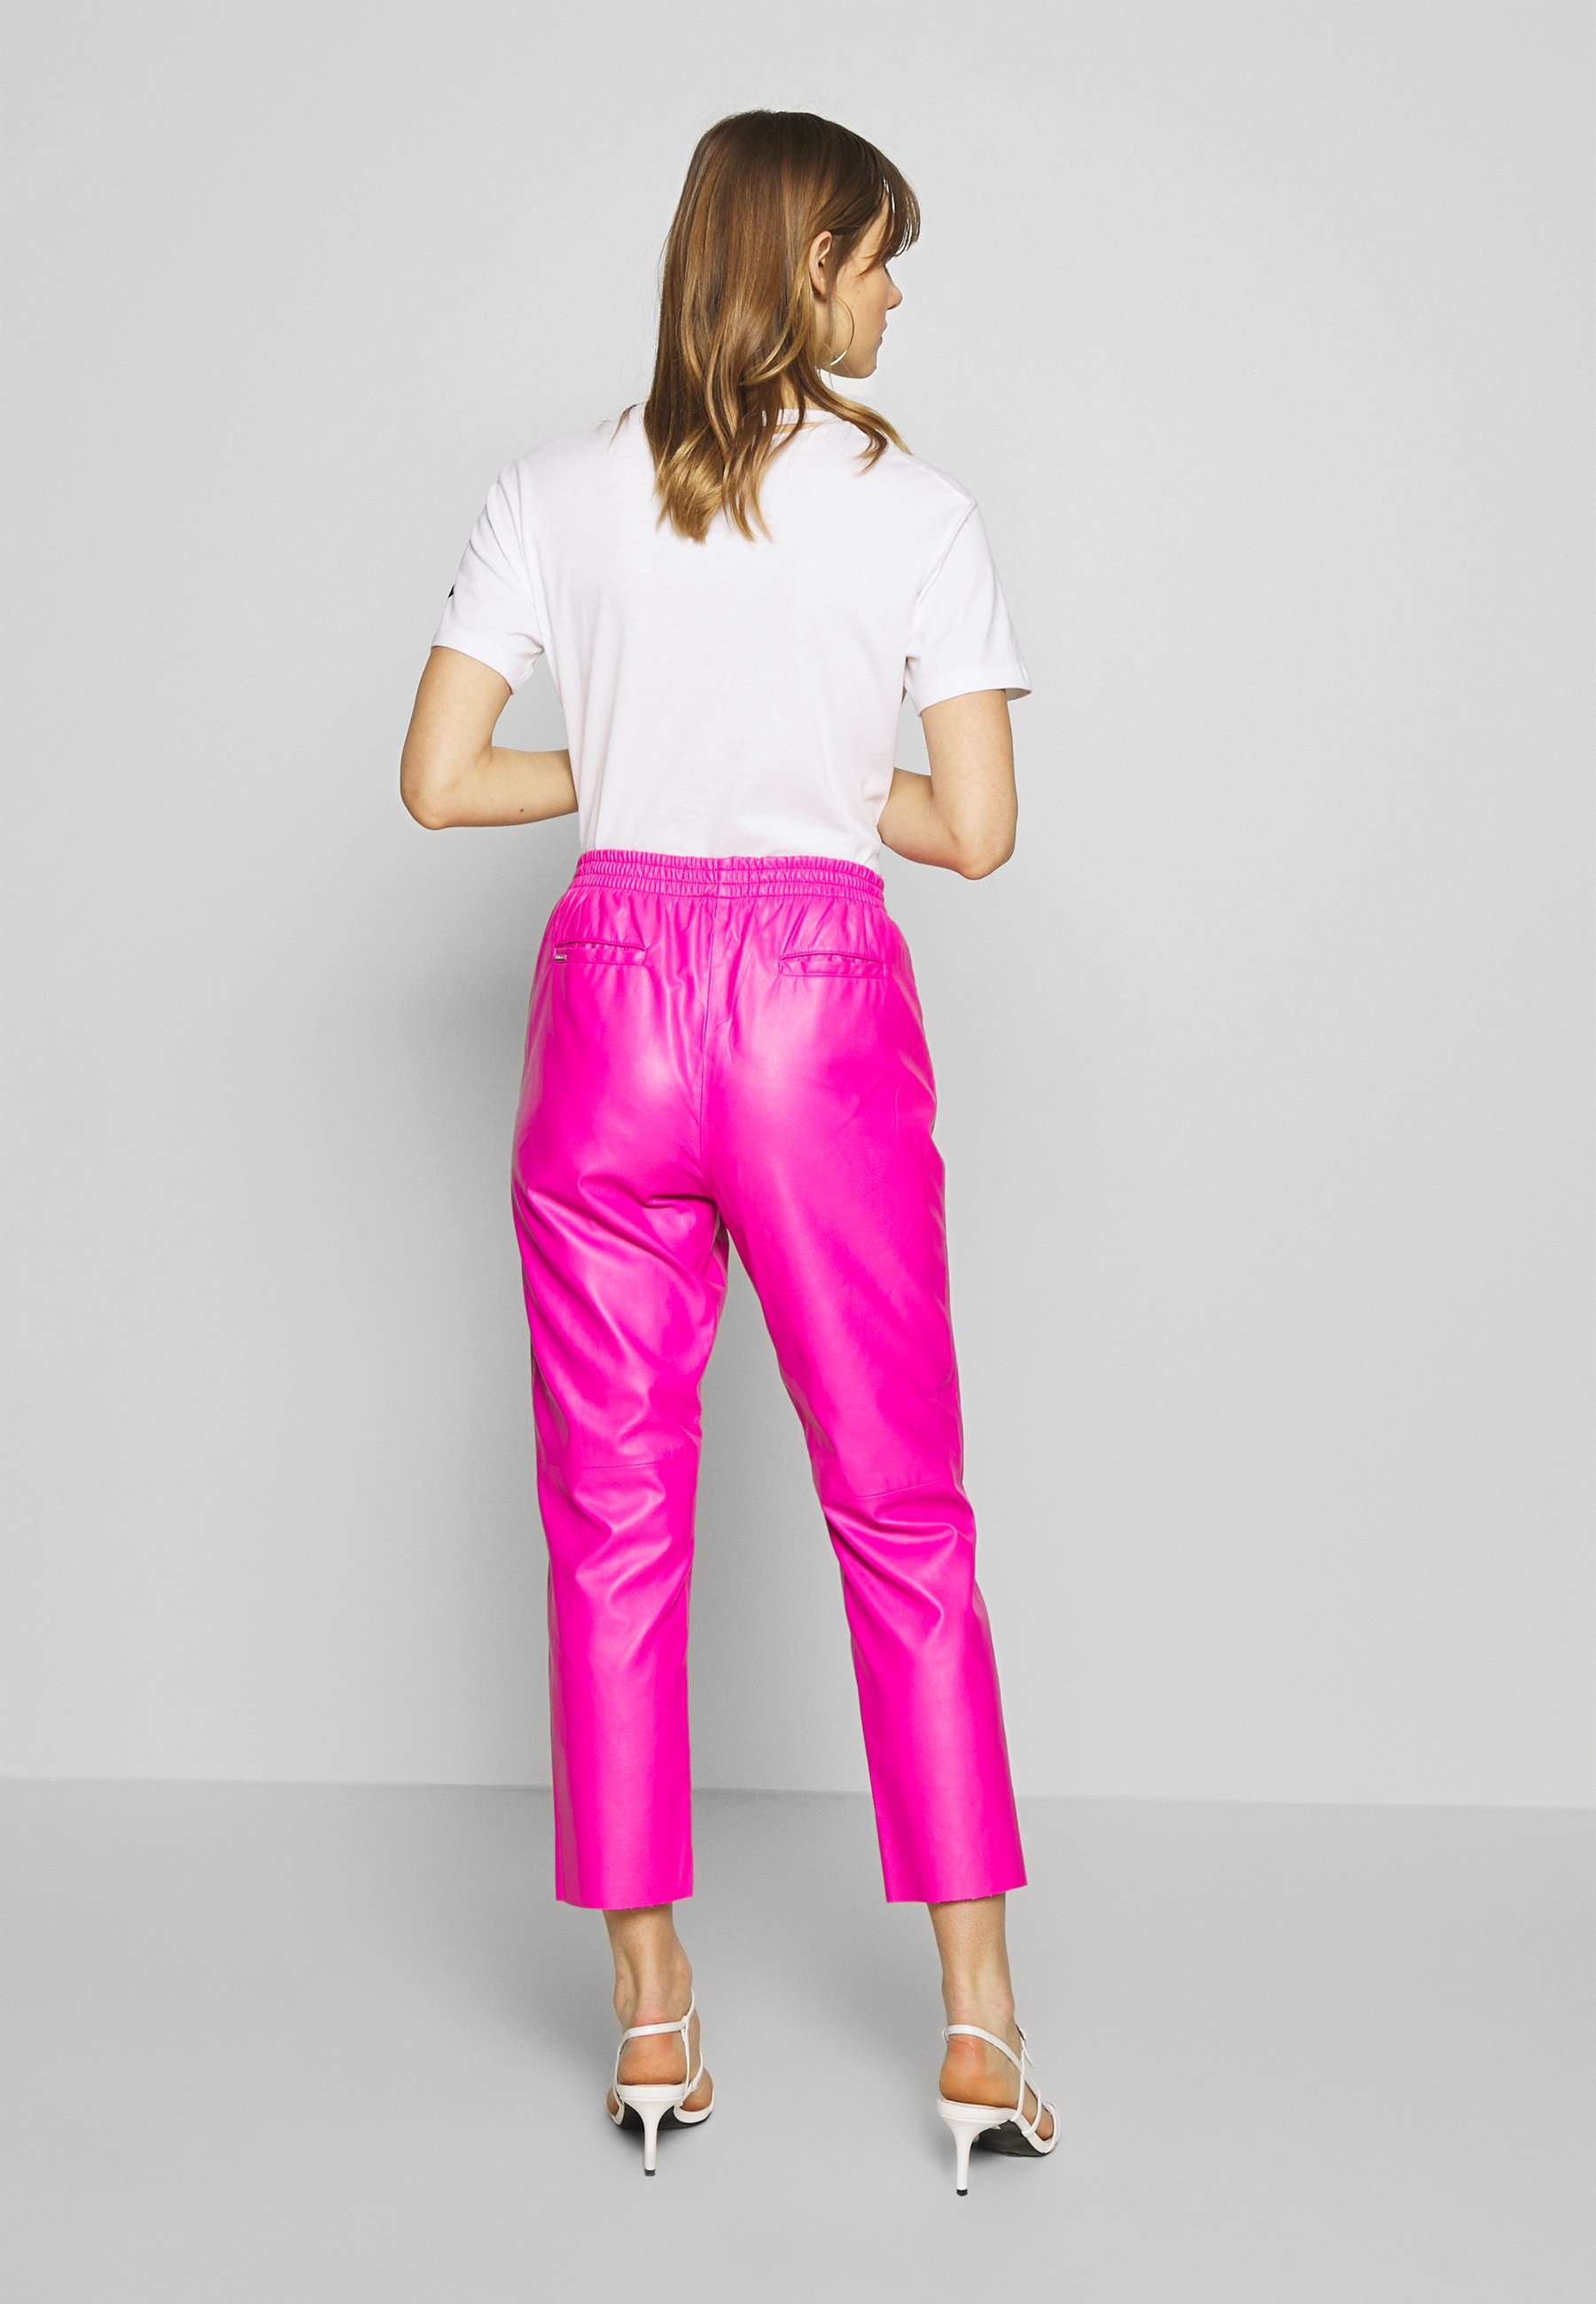 Replay Pants - Bukser Pink